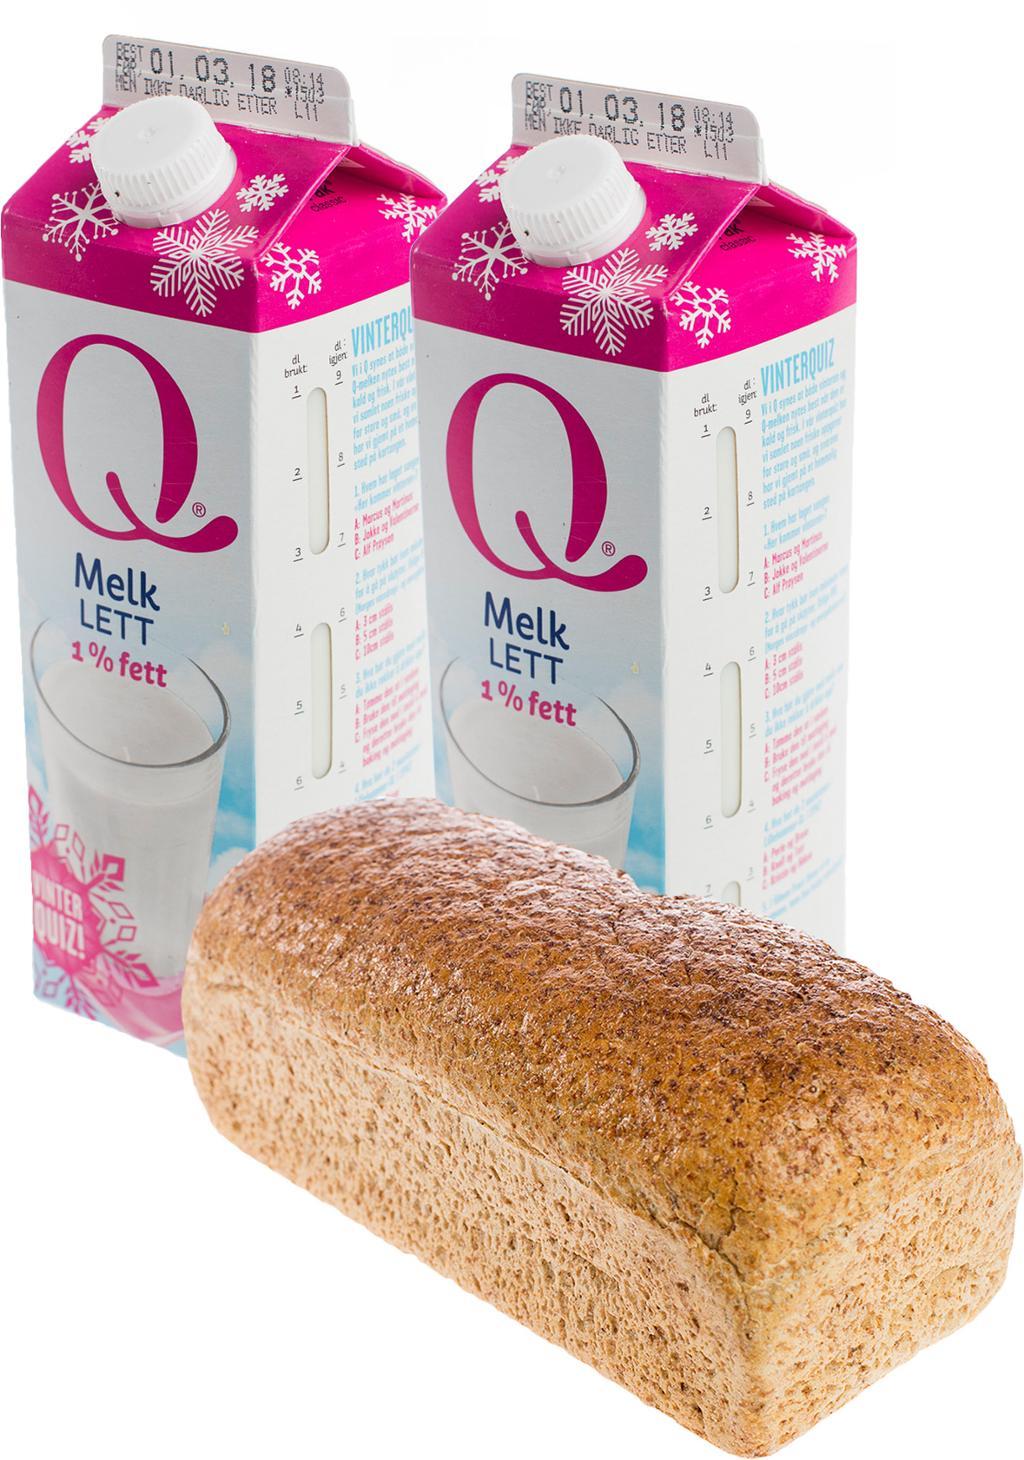 Melk og brød